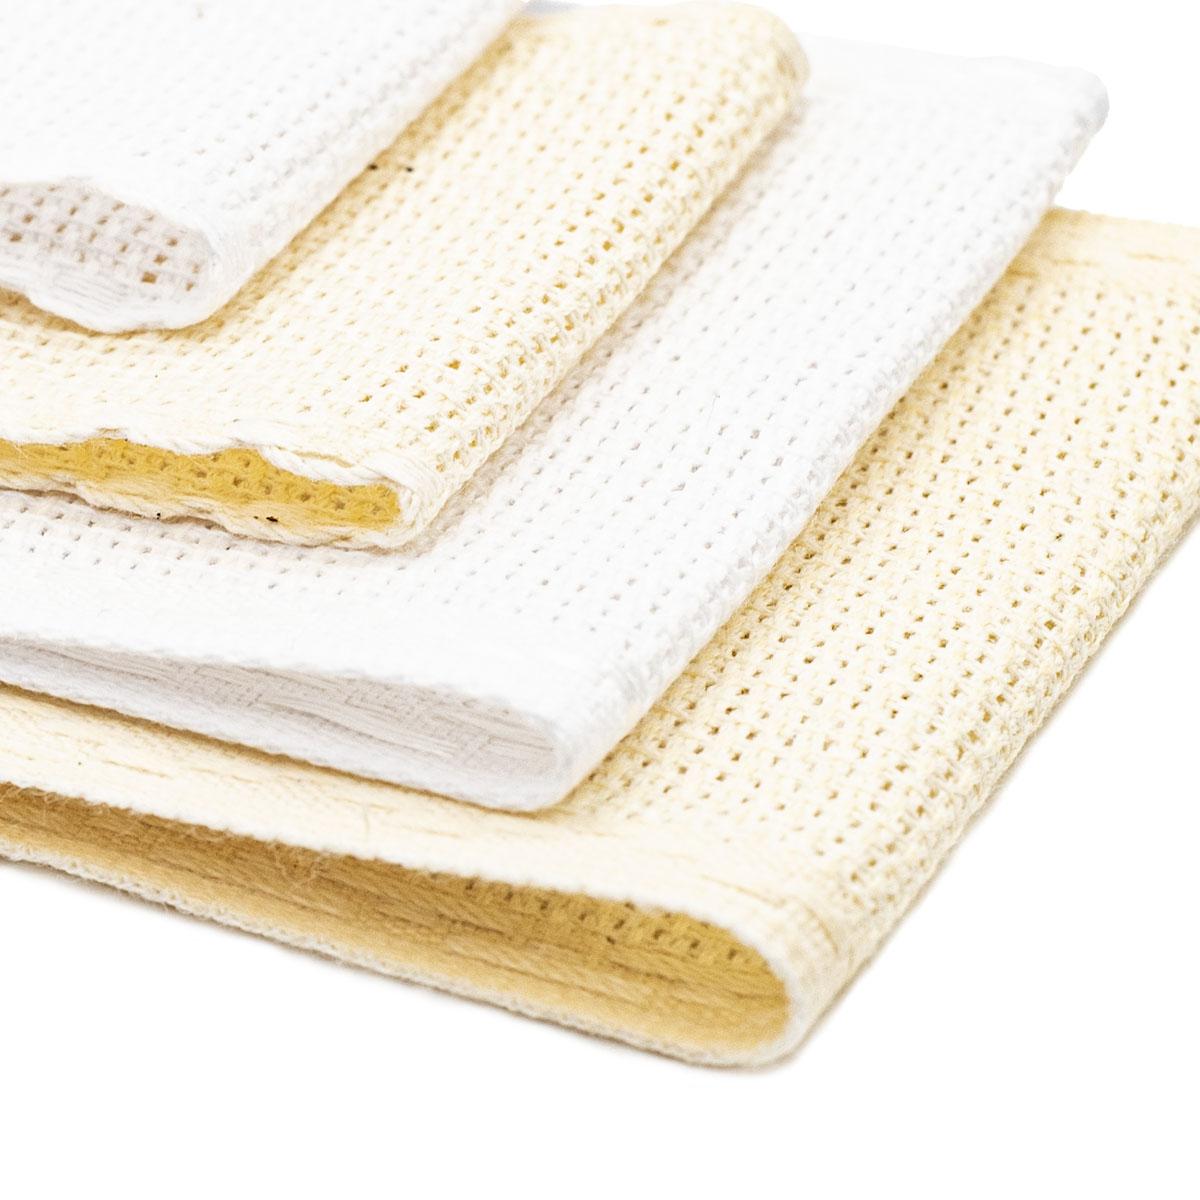 Набор канвы-ленты c обработанным краем 14ct, 1,5м*5см/1,5м*7см, 4шт, натуральный и белый цвета, Bestex